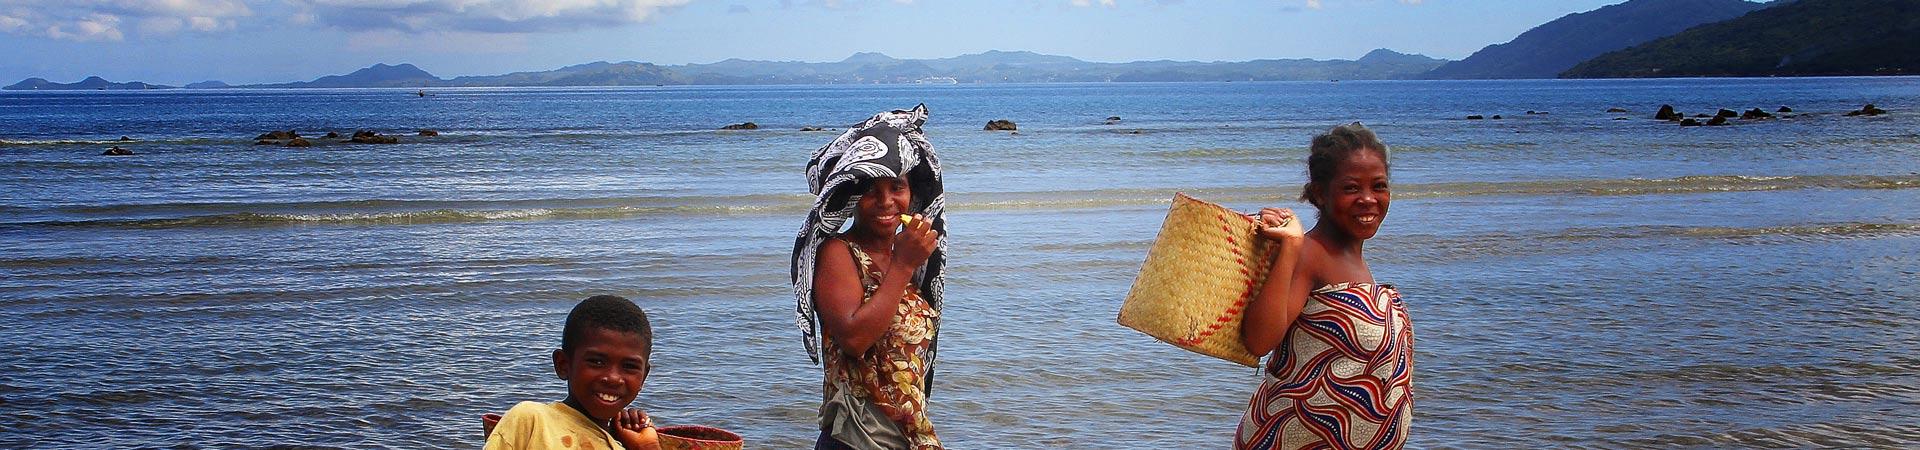 villageois sur la plage